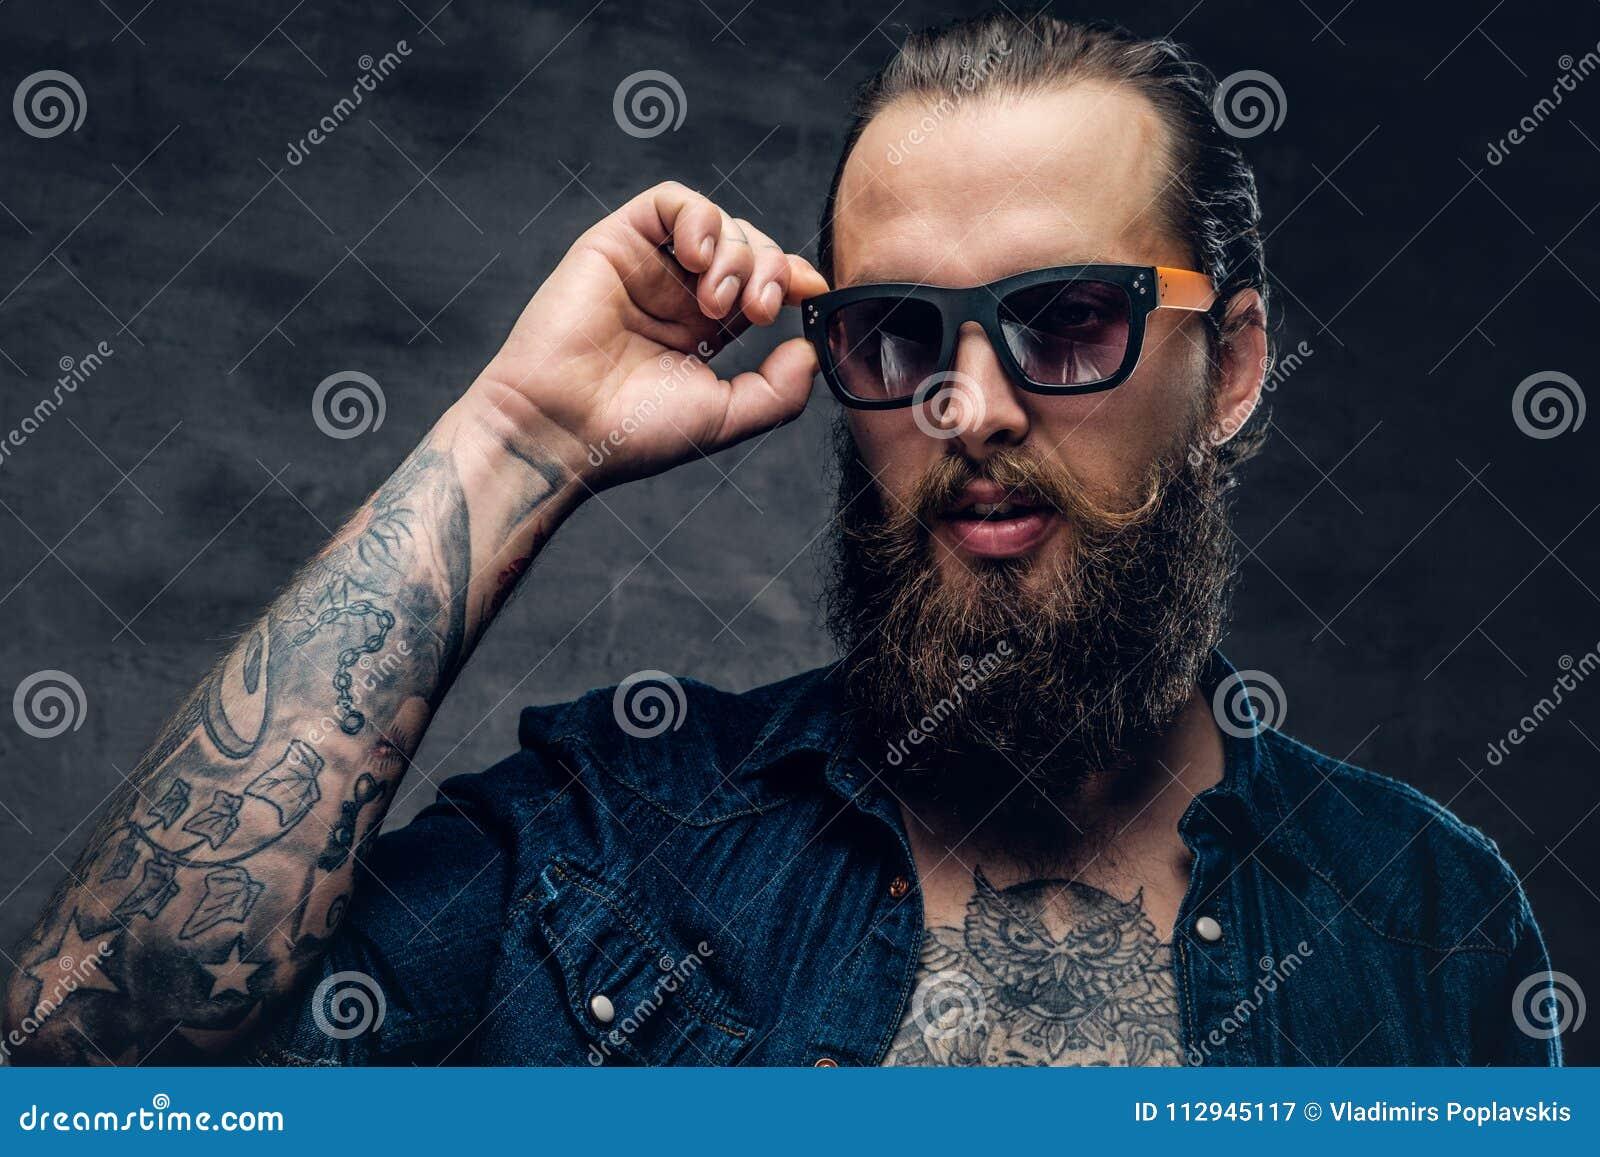 Barbudo Hombre Toca Cara Sol En El Tatuado De Su Imagen Gafas Las lJcF1TK